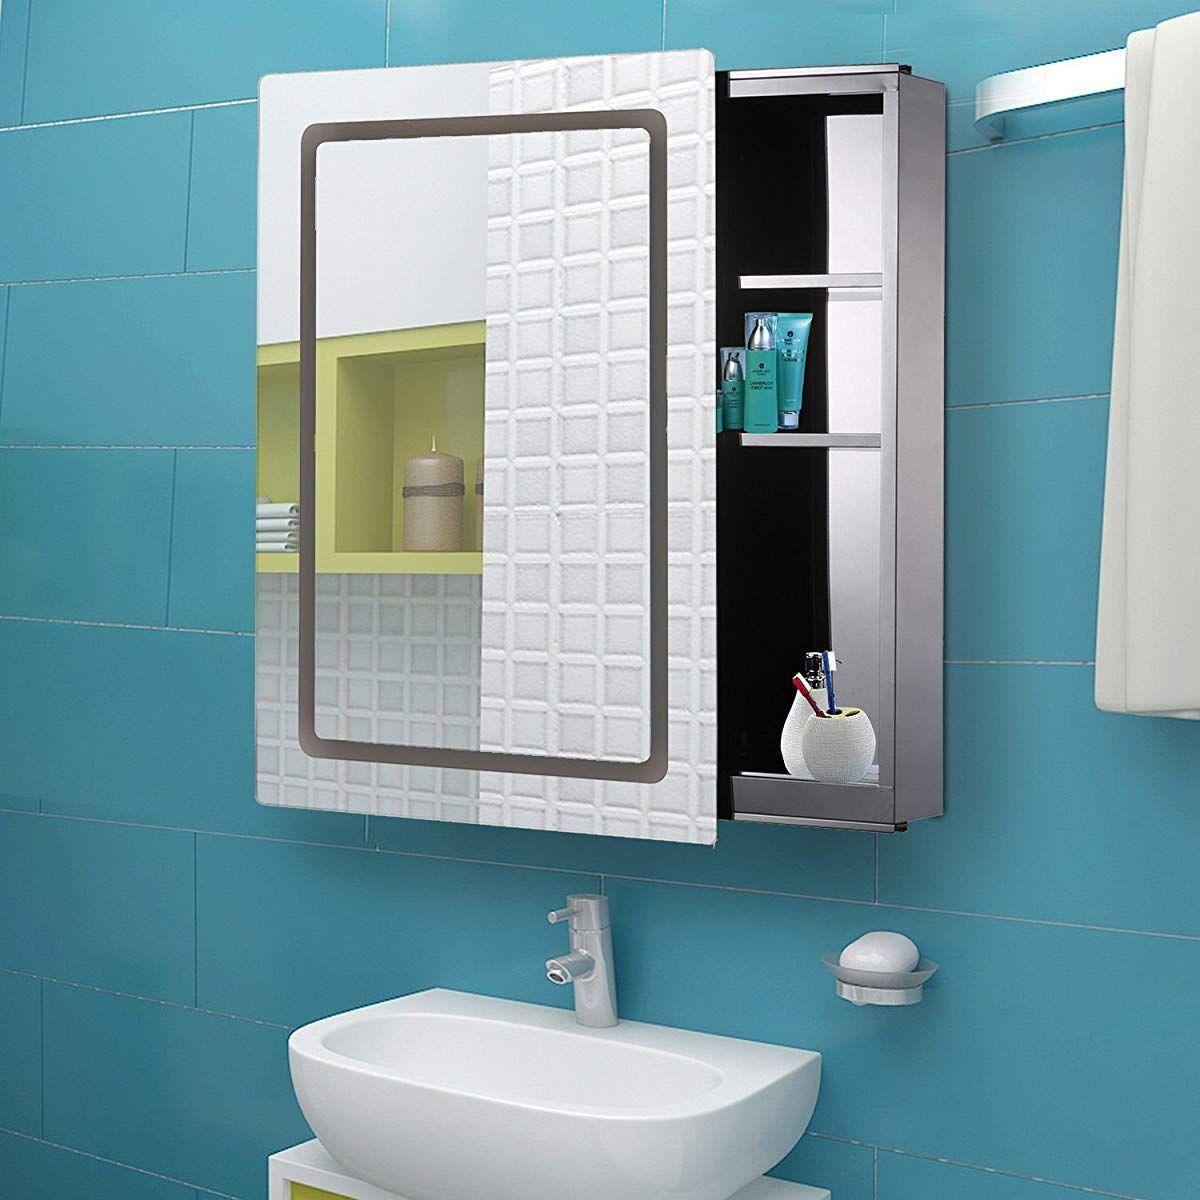 Bathroom Sliding Wall Mirror Medicine Cabinet Mirror Cabinets Medicine Cabinet Mirror Toilet Storage